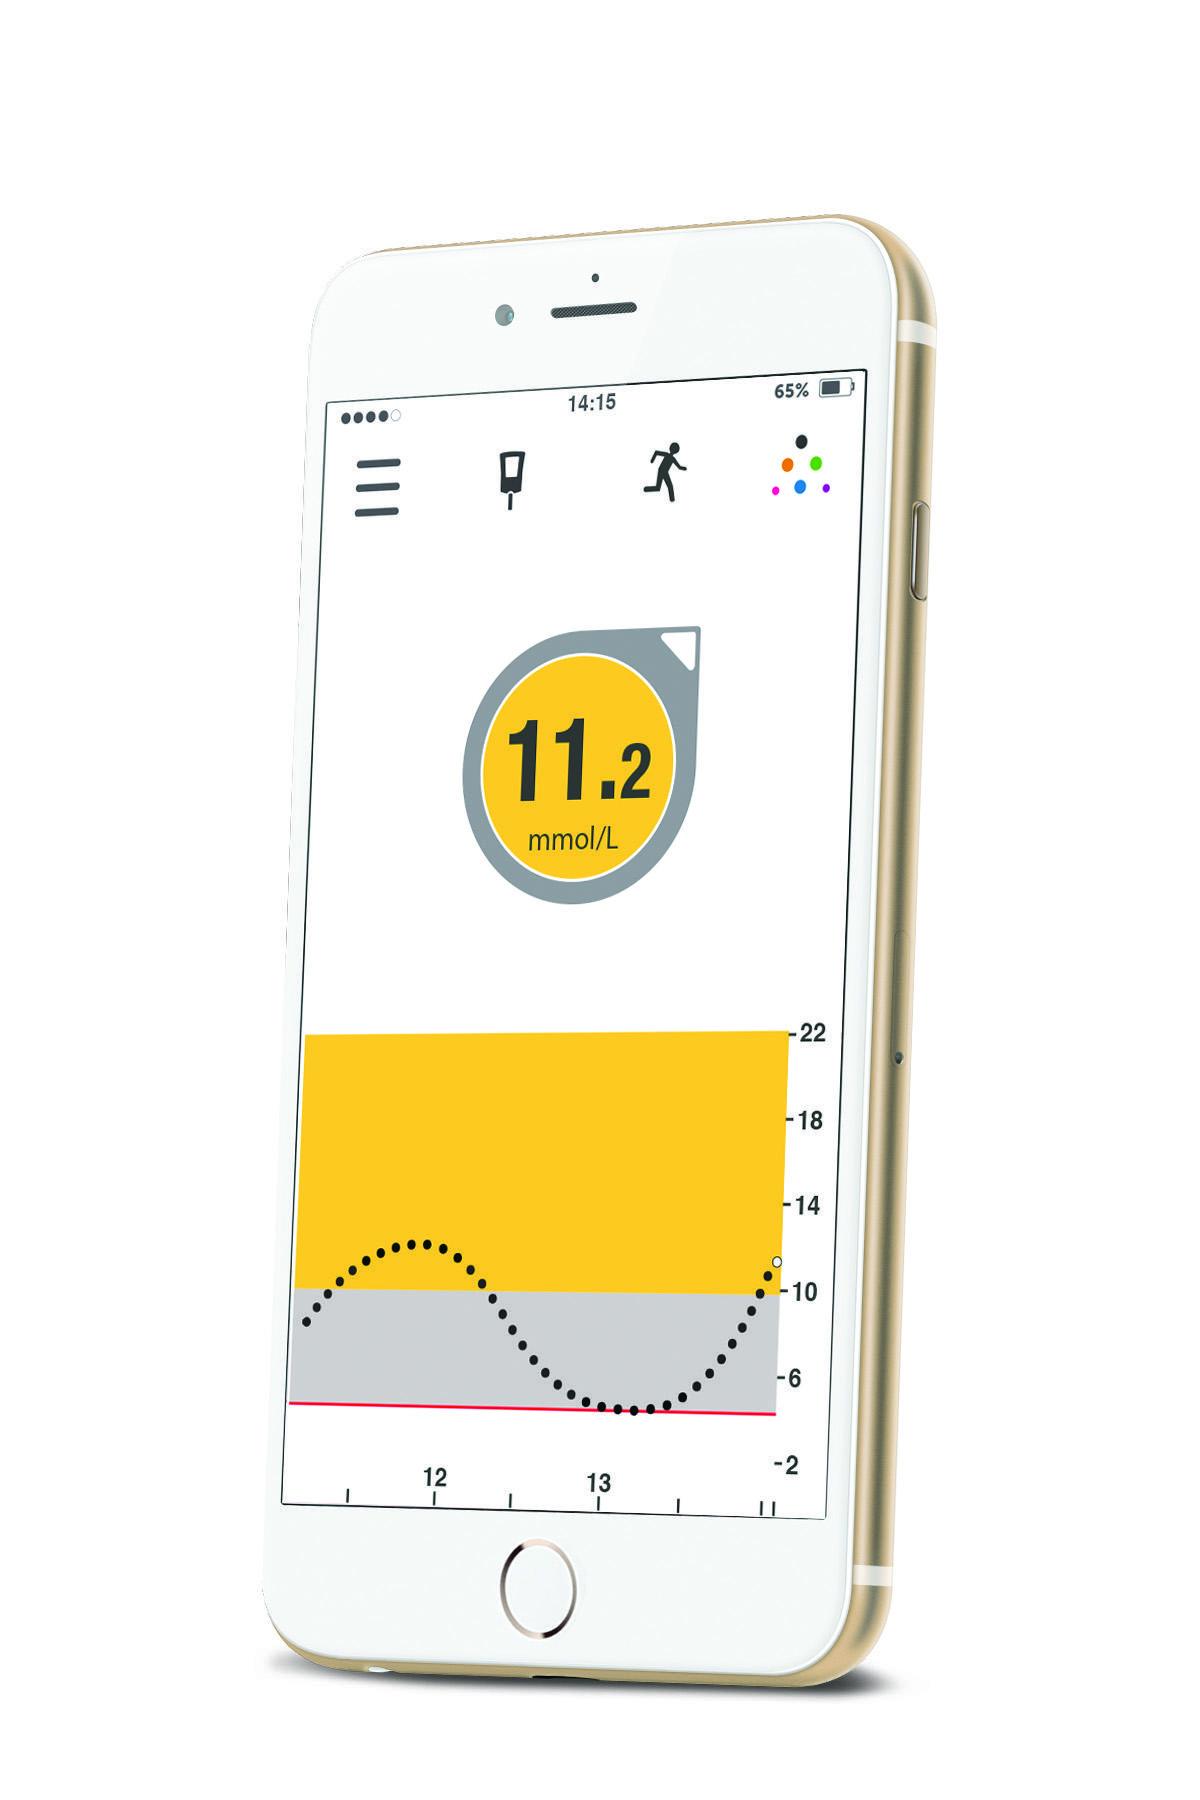 Dexcom G5 Mobile Cgm App Desang Diabetes Services